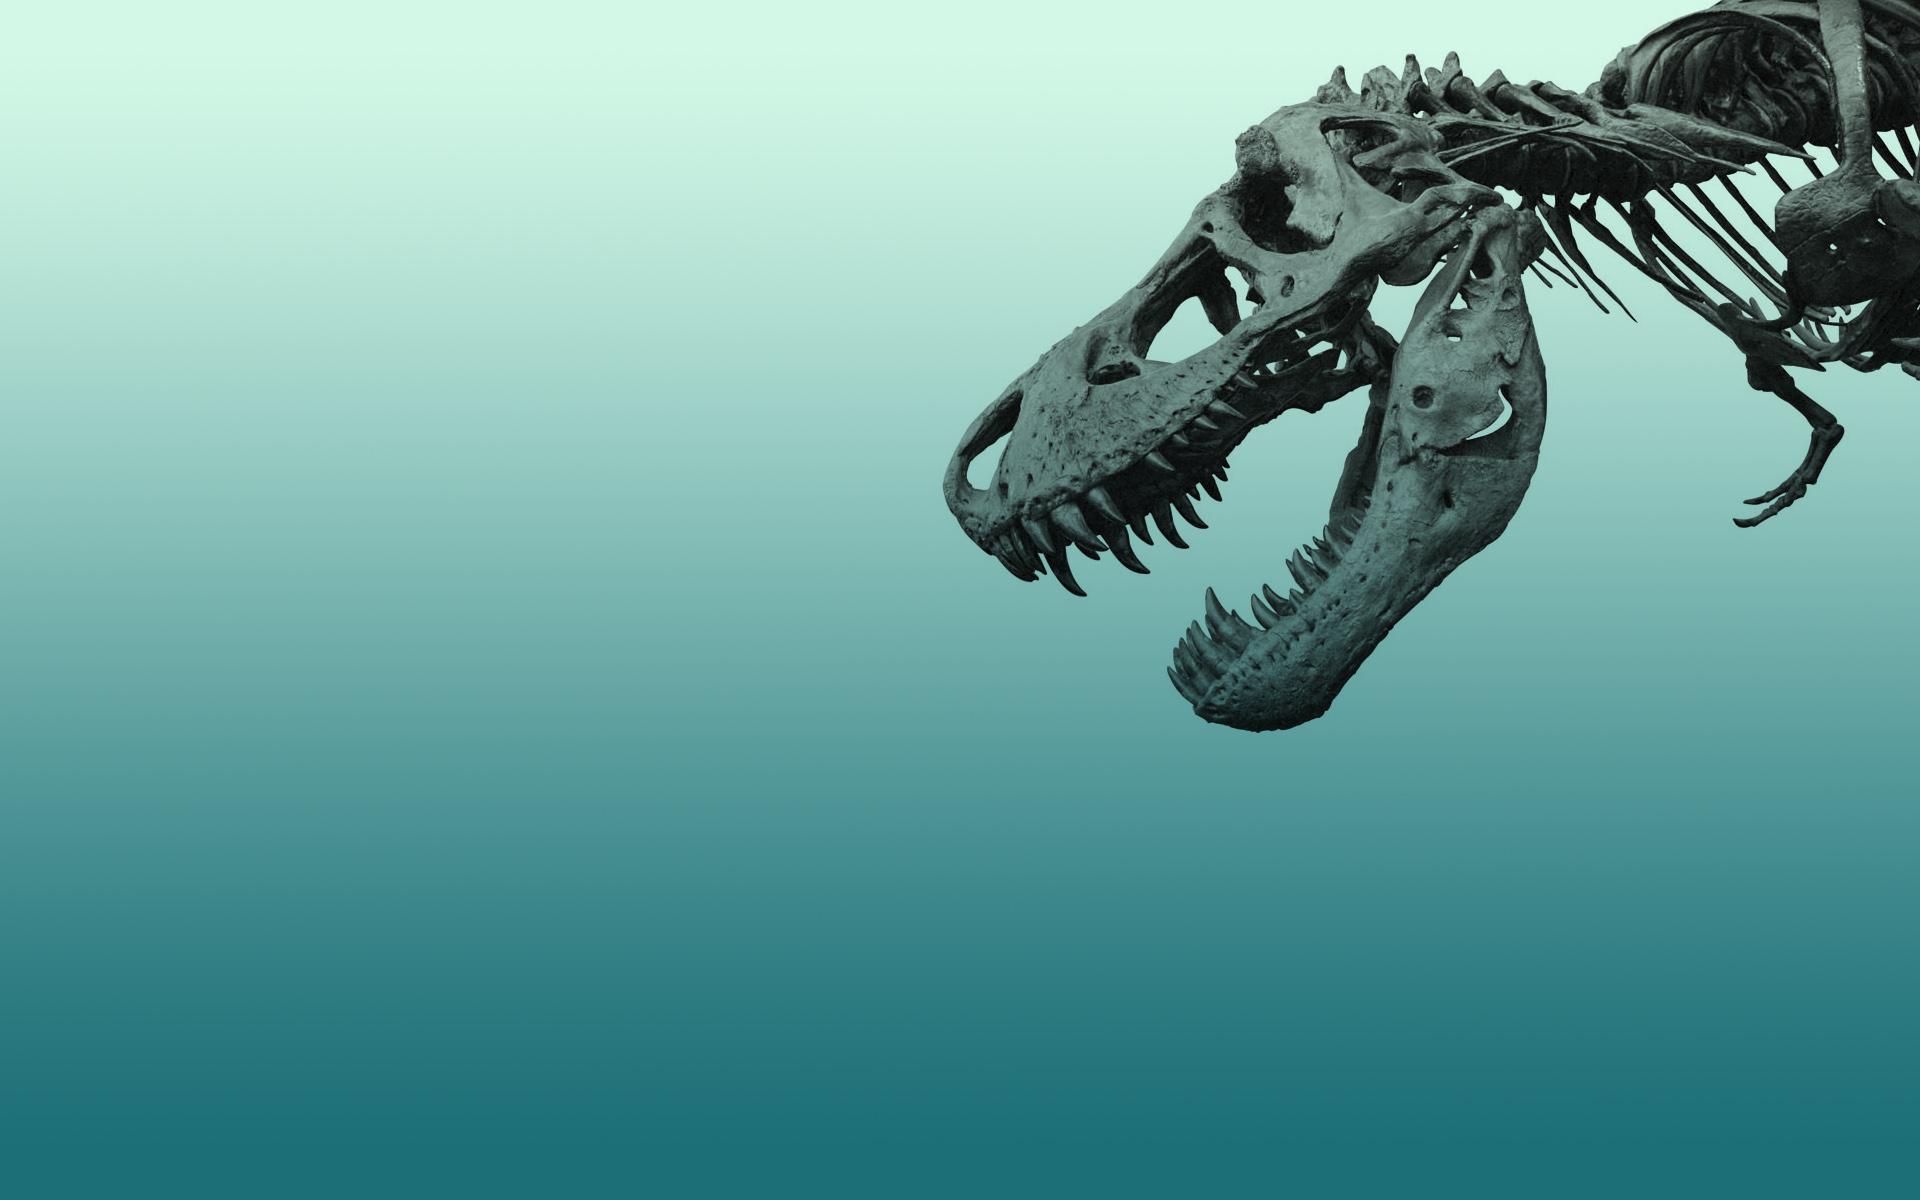 Setiim fotoraflar Dinozor 1920x1200